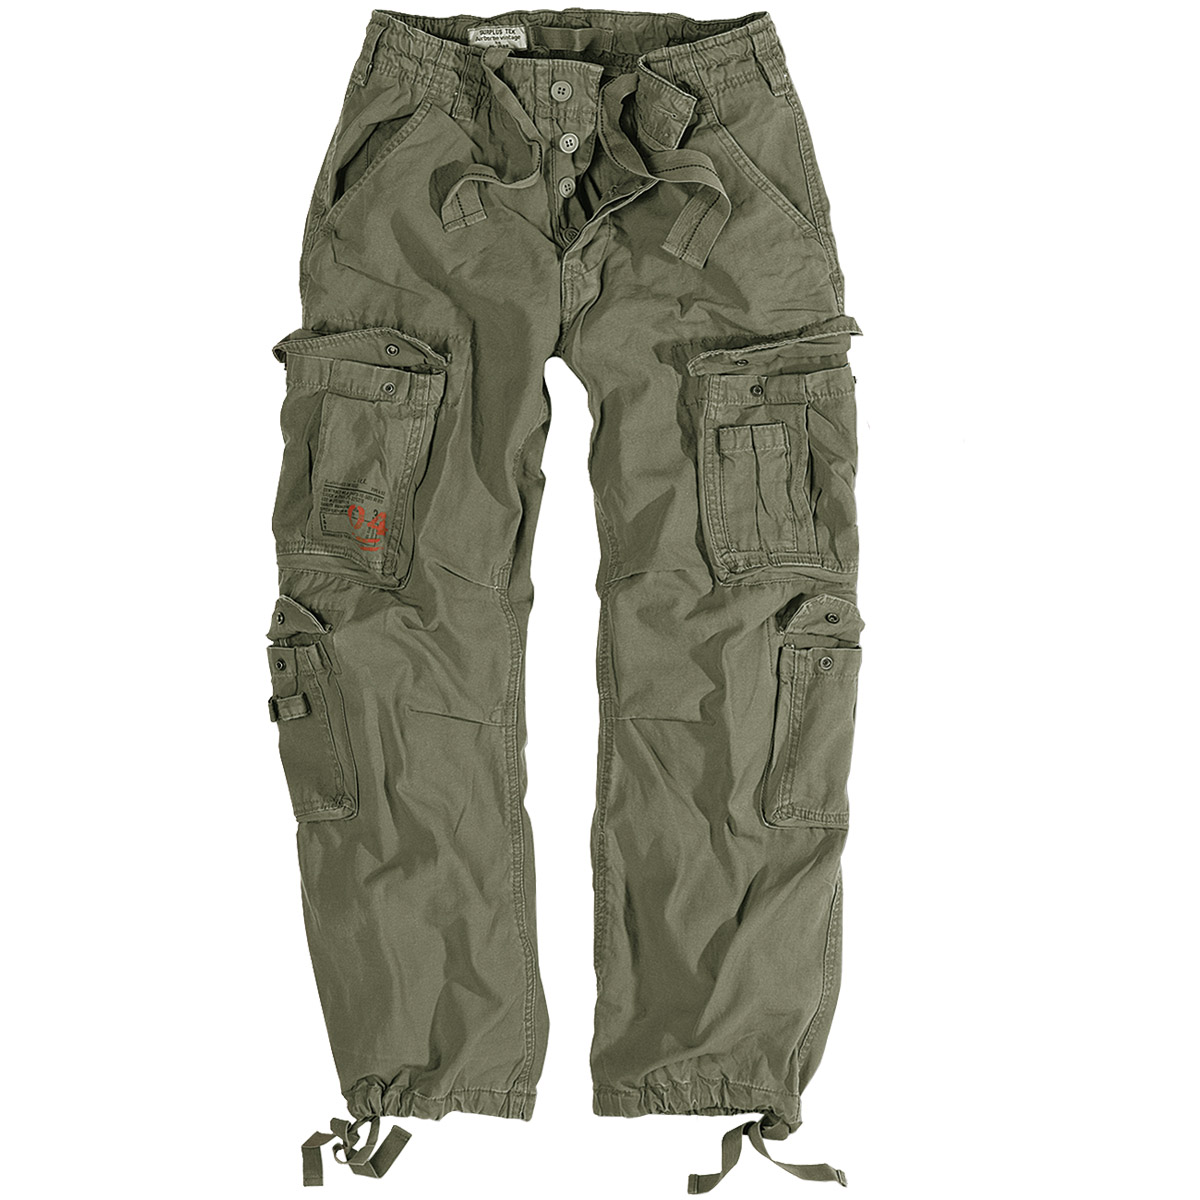 Us Army Surplus Clothing Uk